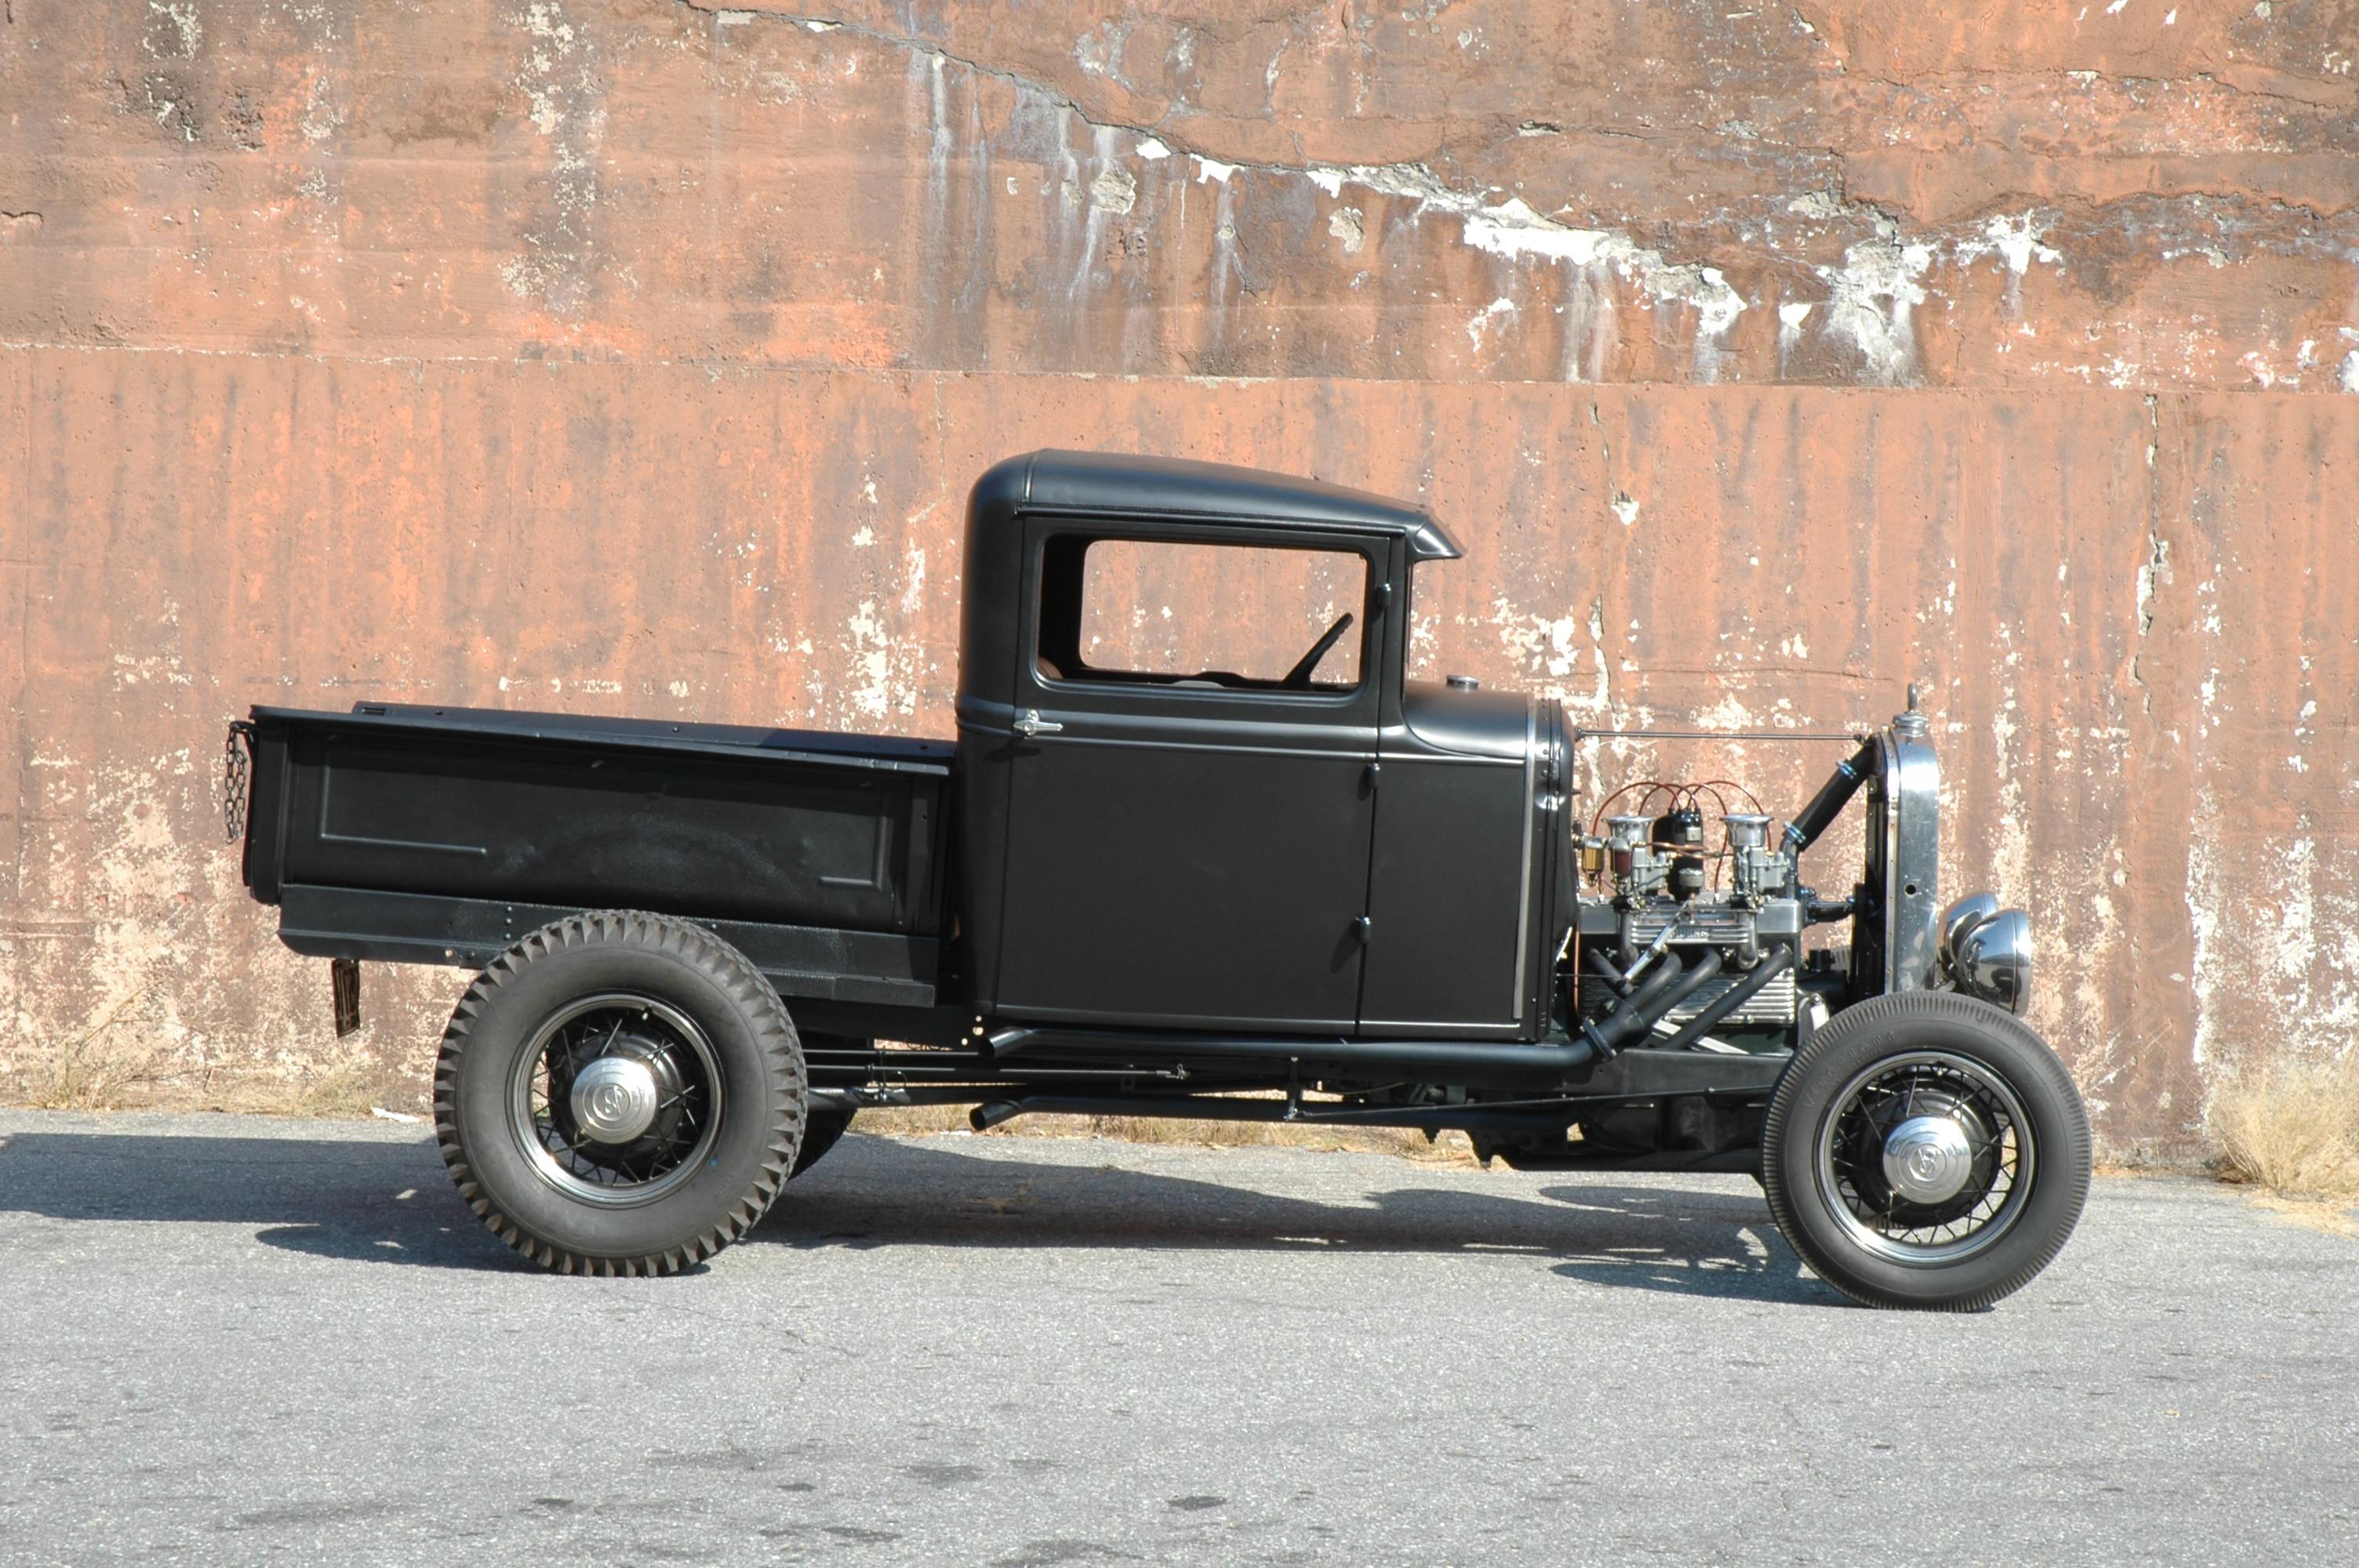 Model A 4 Banger Hot Rod Pickup